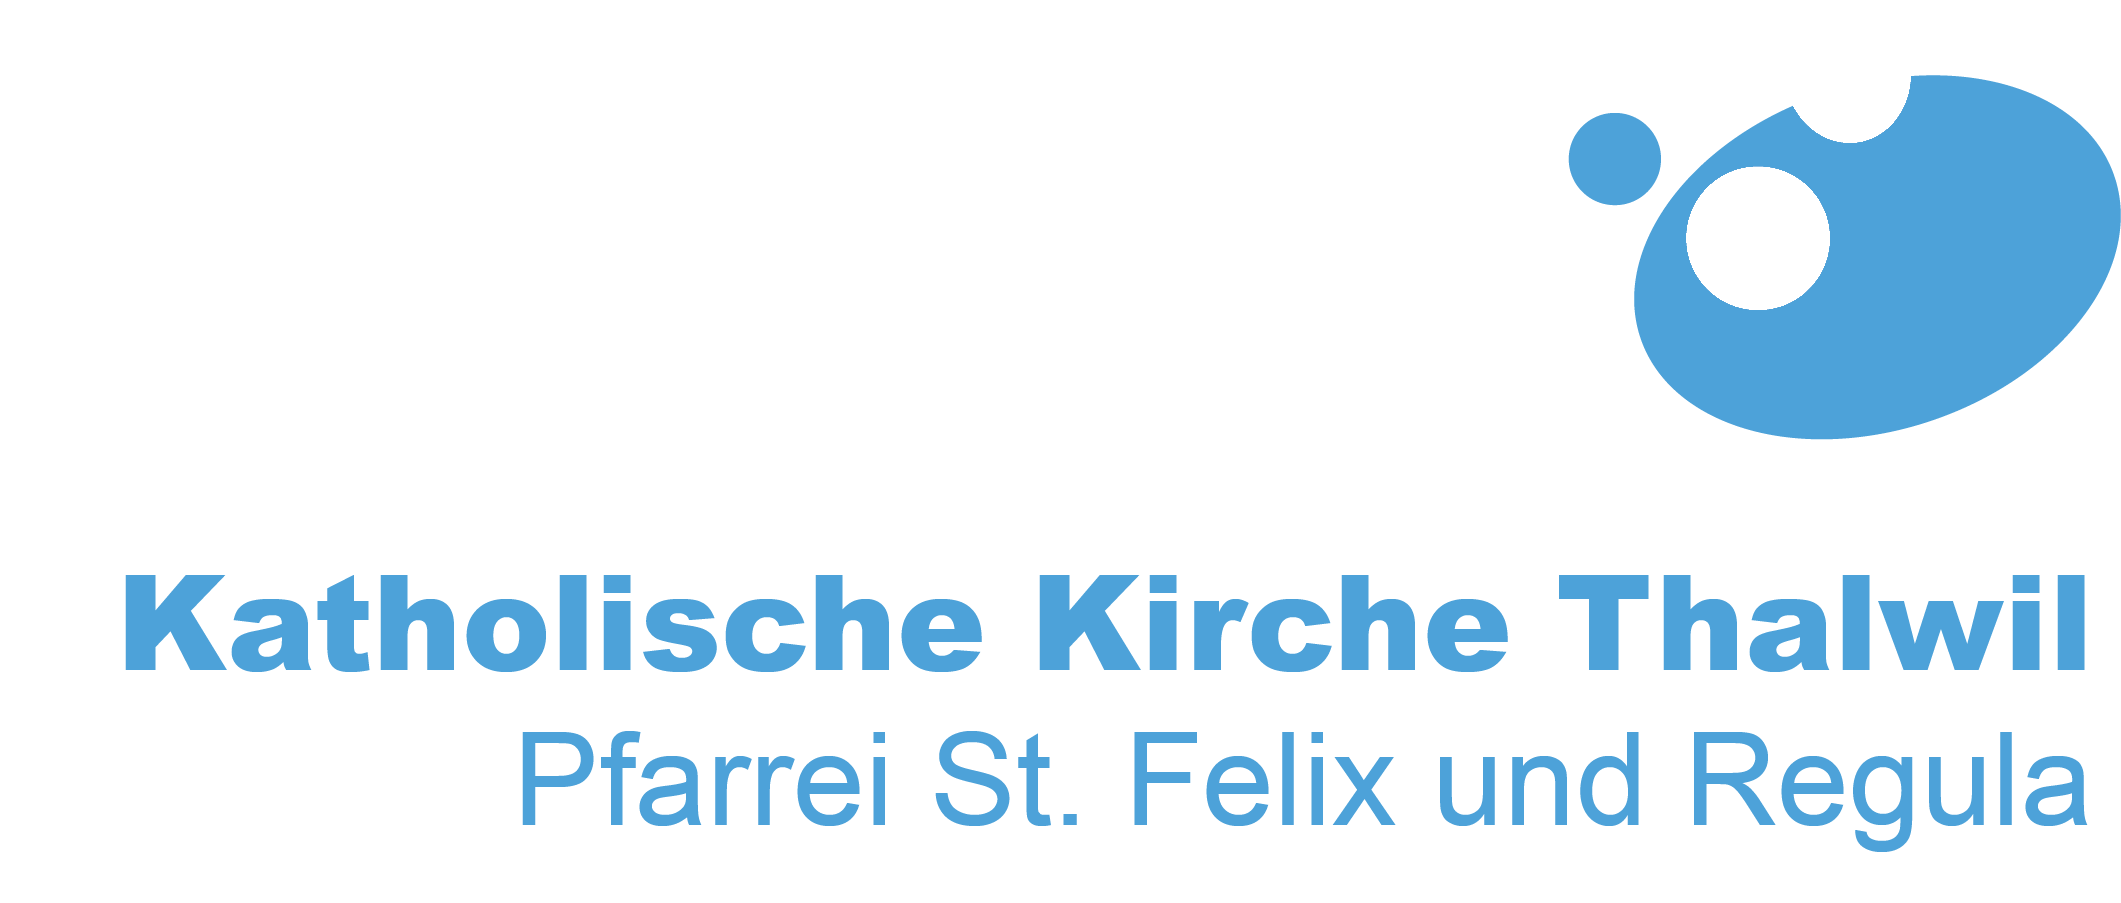 Pfarrei St. Felix und Regula Thalwil - Eine Gemeinschaft, die trägt